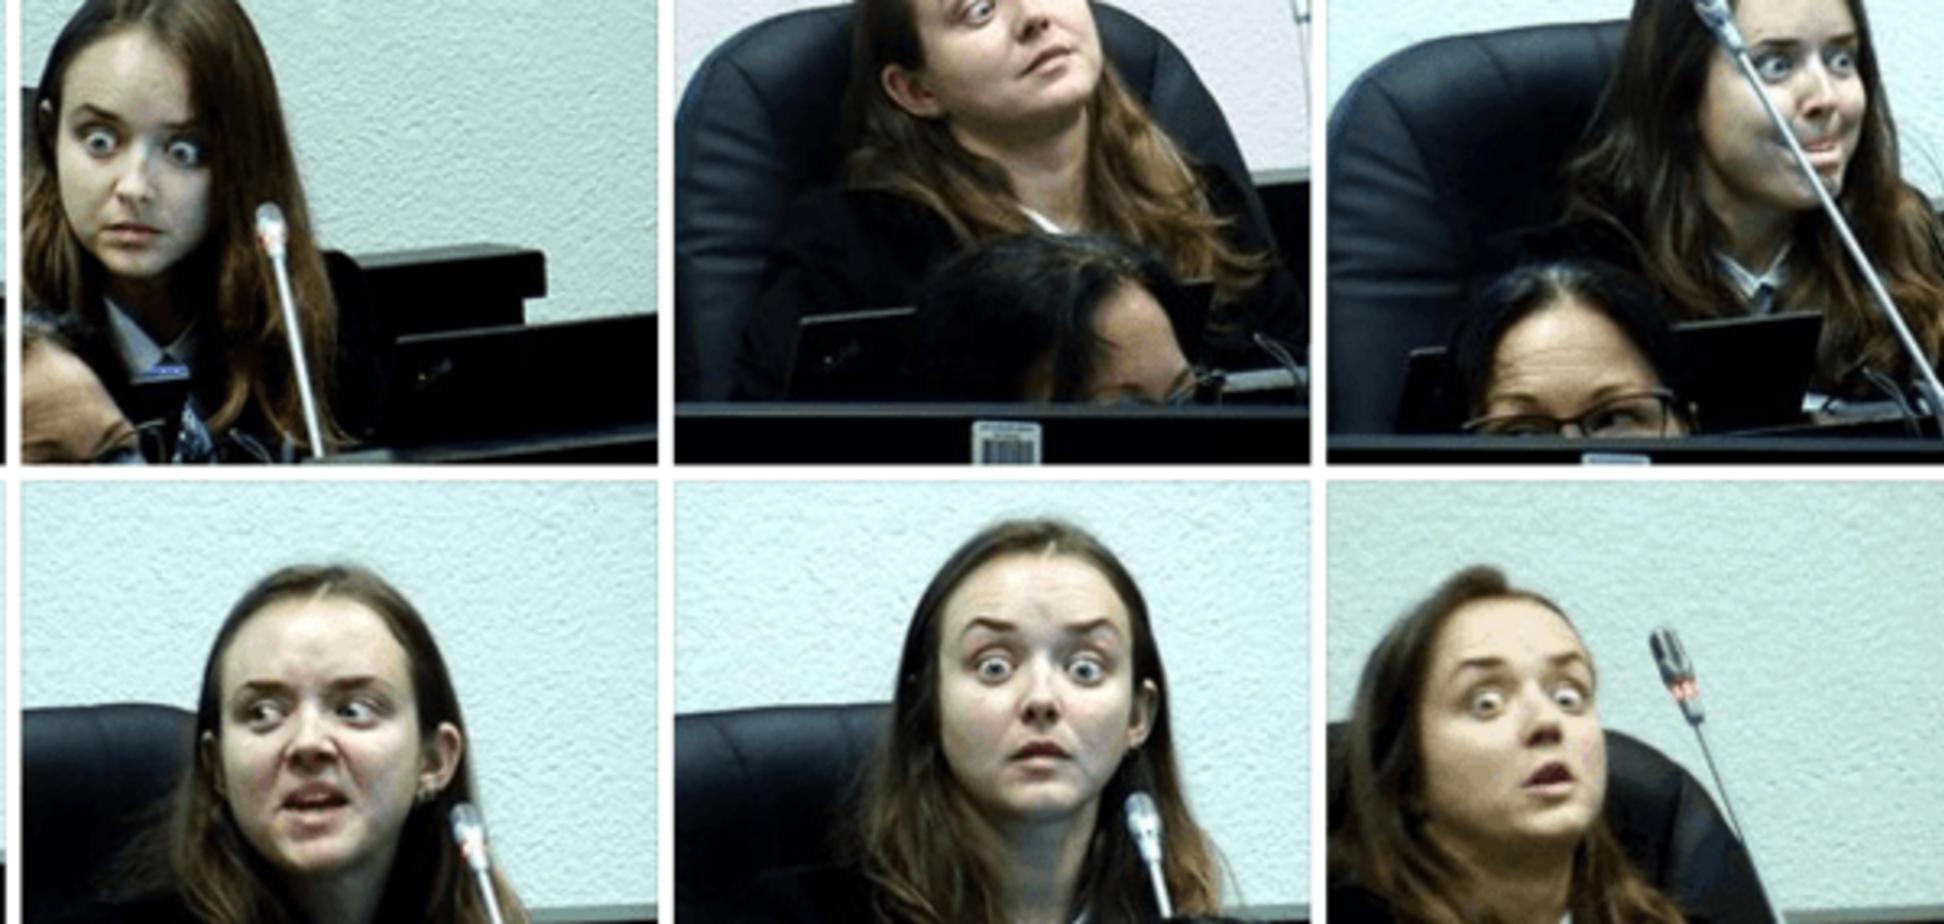 Конкурентка Няши: прокурор из Эстонии 'взорвала' сеть своей мимикой. Фотофакт